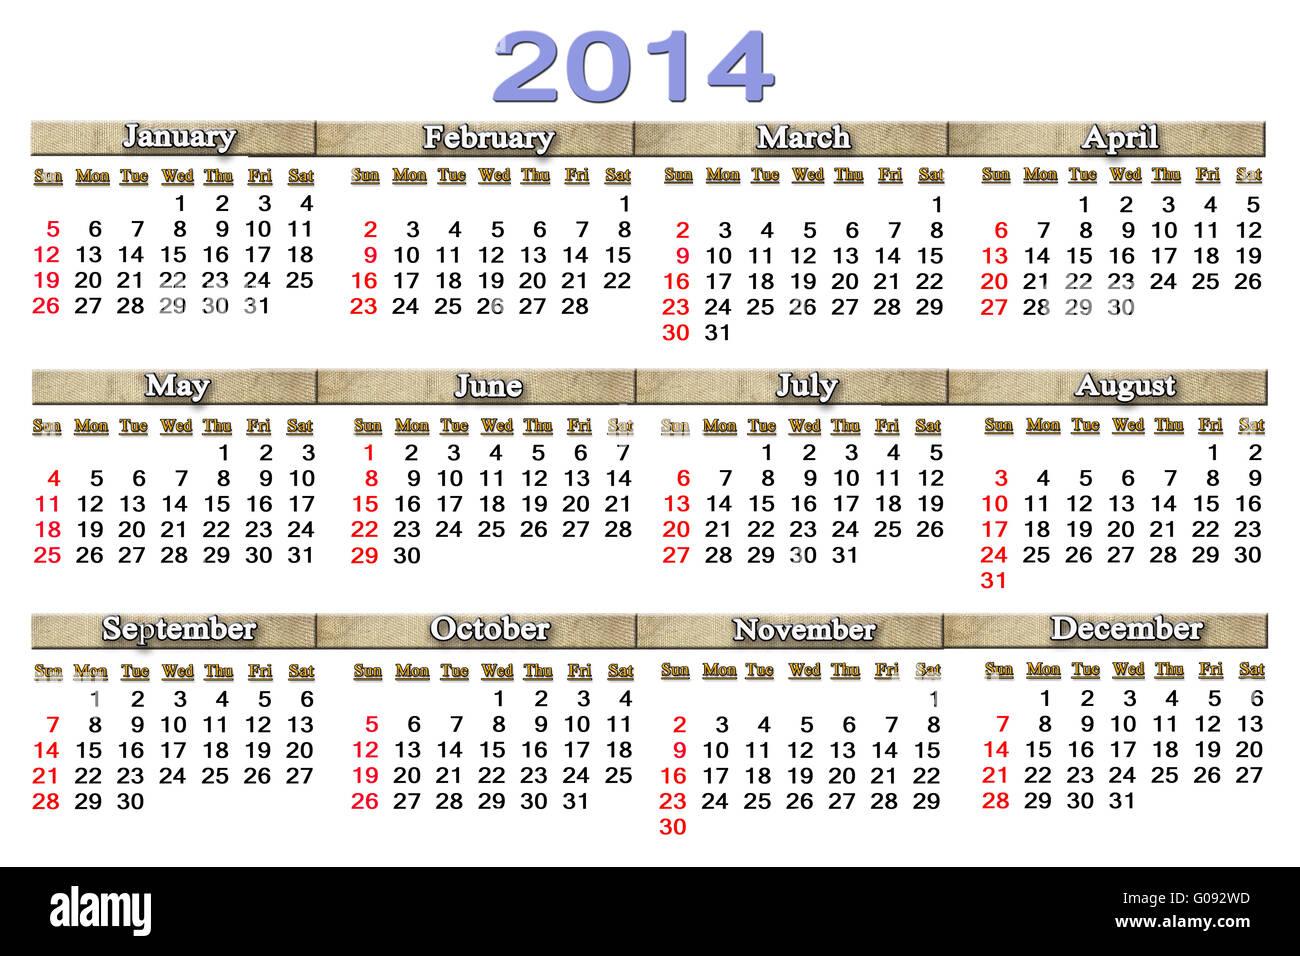 Calendario Anno 2014.Semplice E Preciso Per Il Calendario 2014 Anno Sul Foto